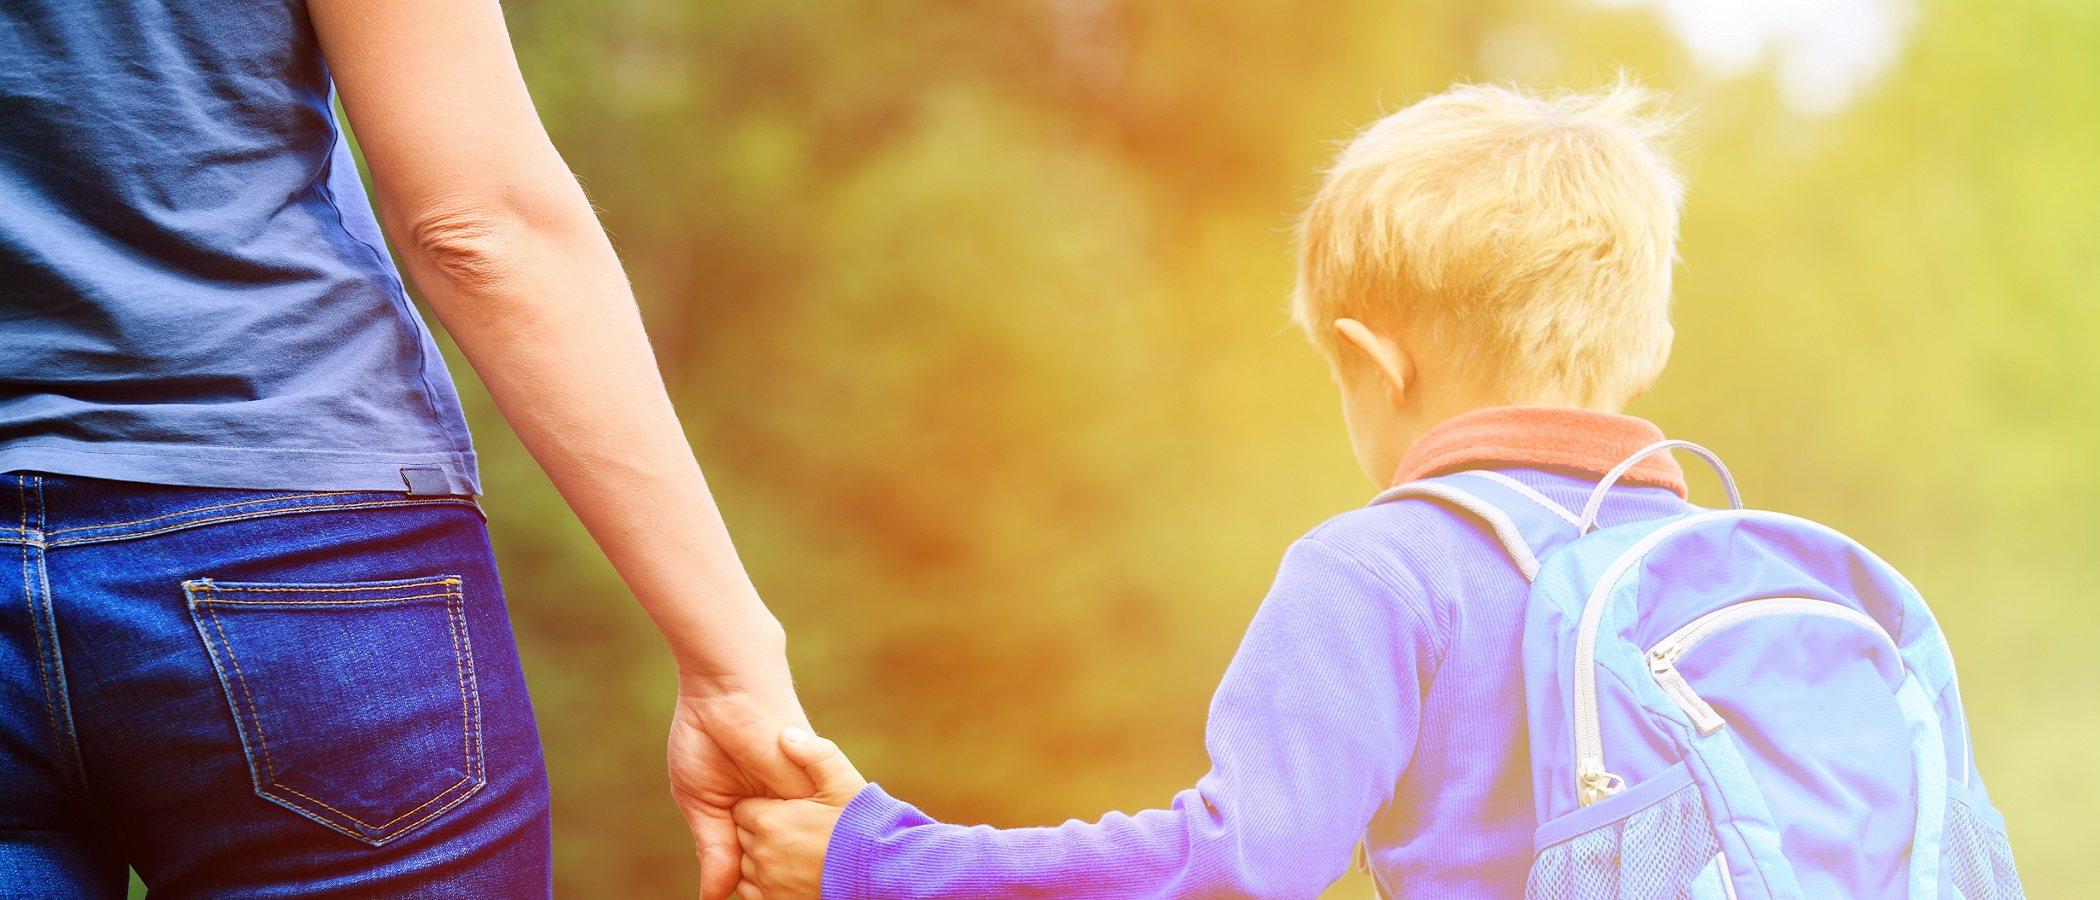 Si mi hijo no me escucha porque no quiere, ¿tengo que castigarle?